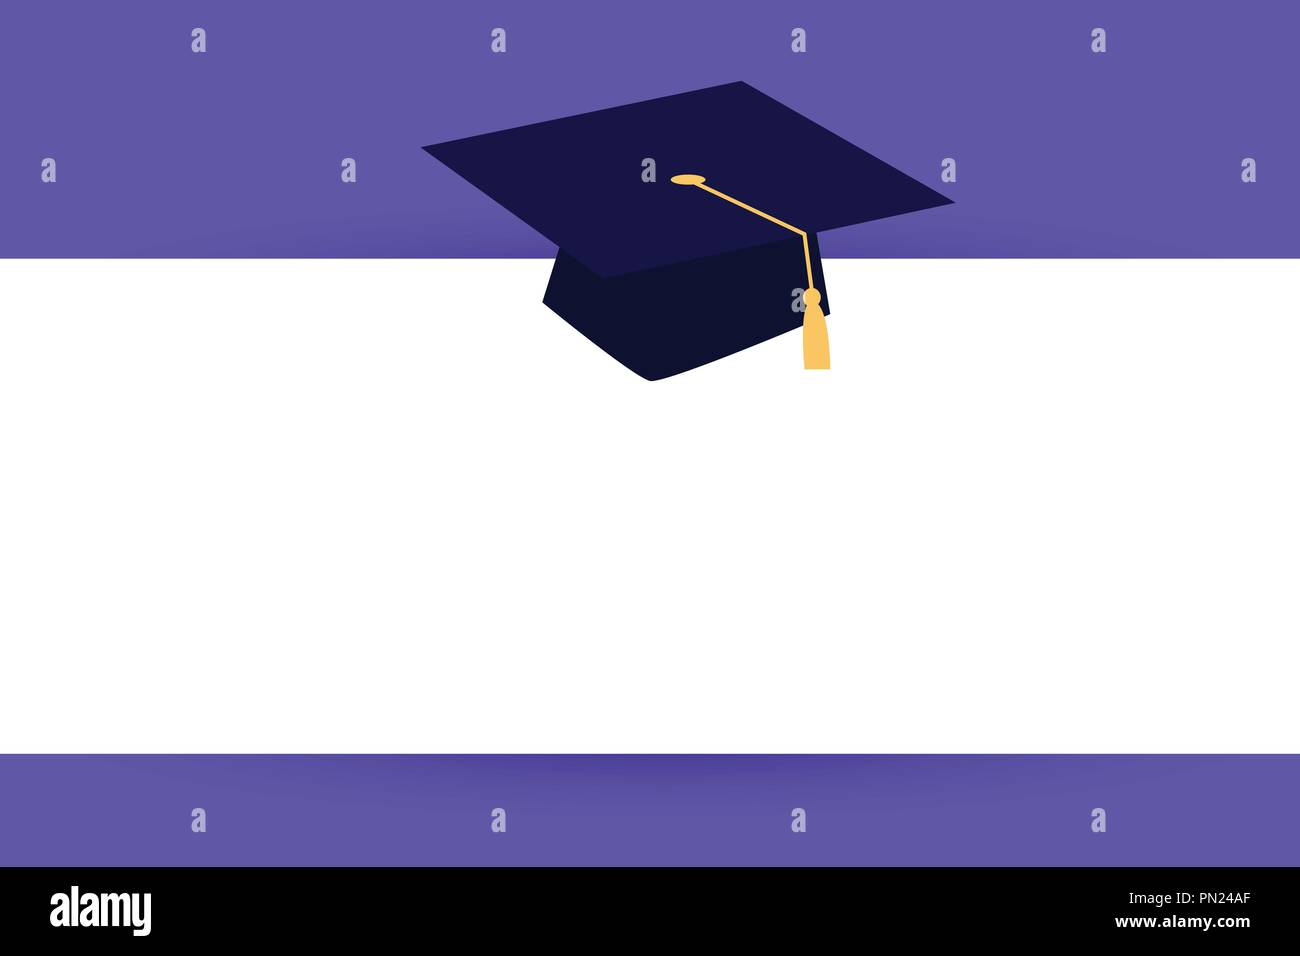 Diseño plano business Ilustración Vector concepto plantilla copiar texto de  espacio para Ad website esp 3D isométrico aislados. Sombrero de graduación  con ... 9fa584cee70